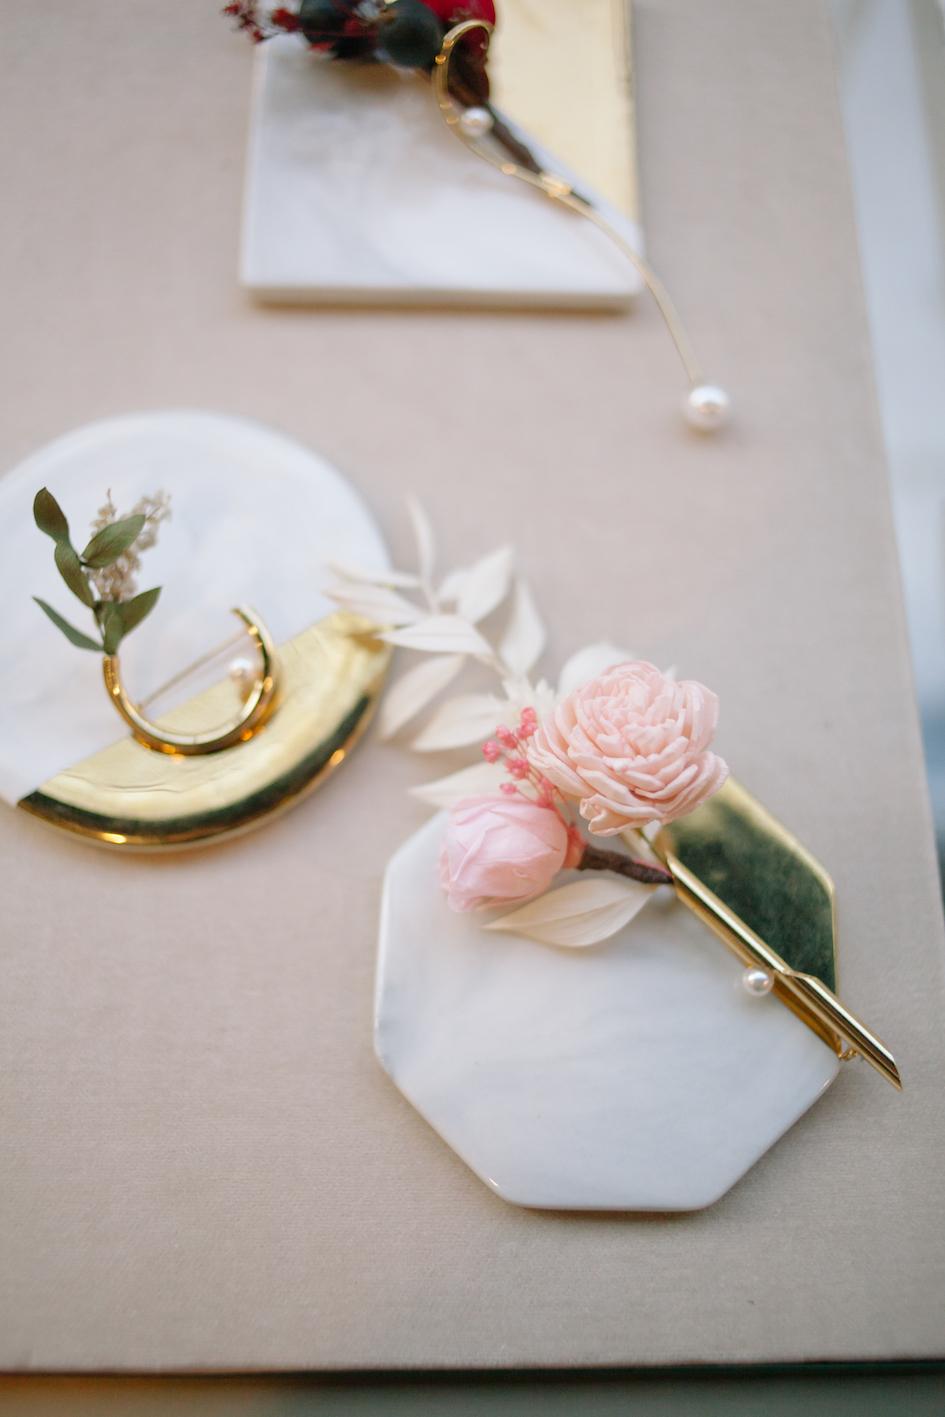 每件珠寶創作都是一個旅行回憶 : OLIVIA YAO JEWELLERY